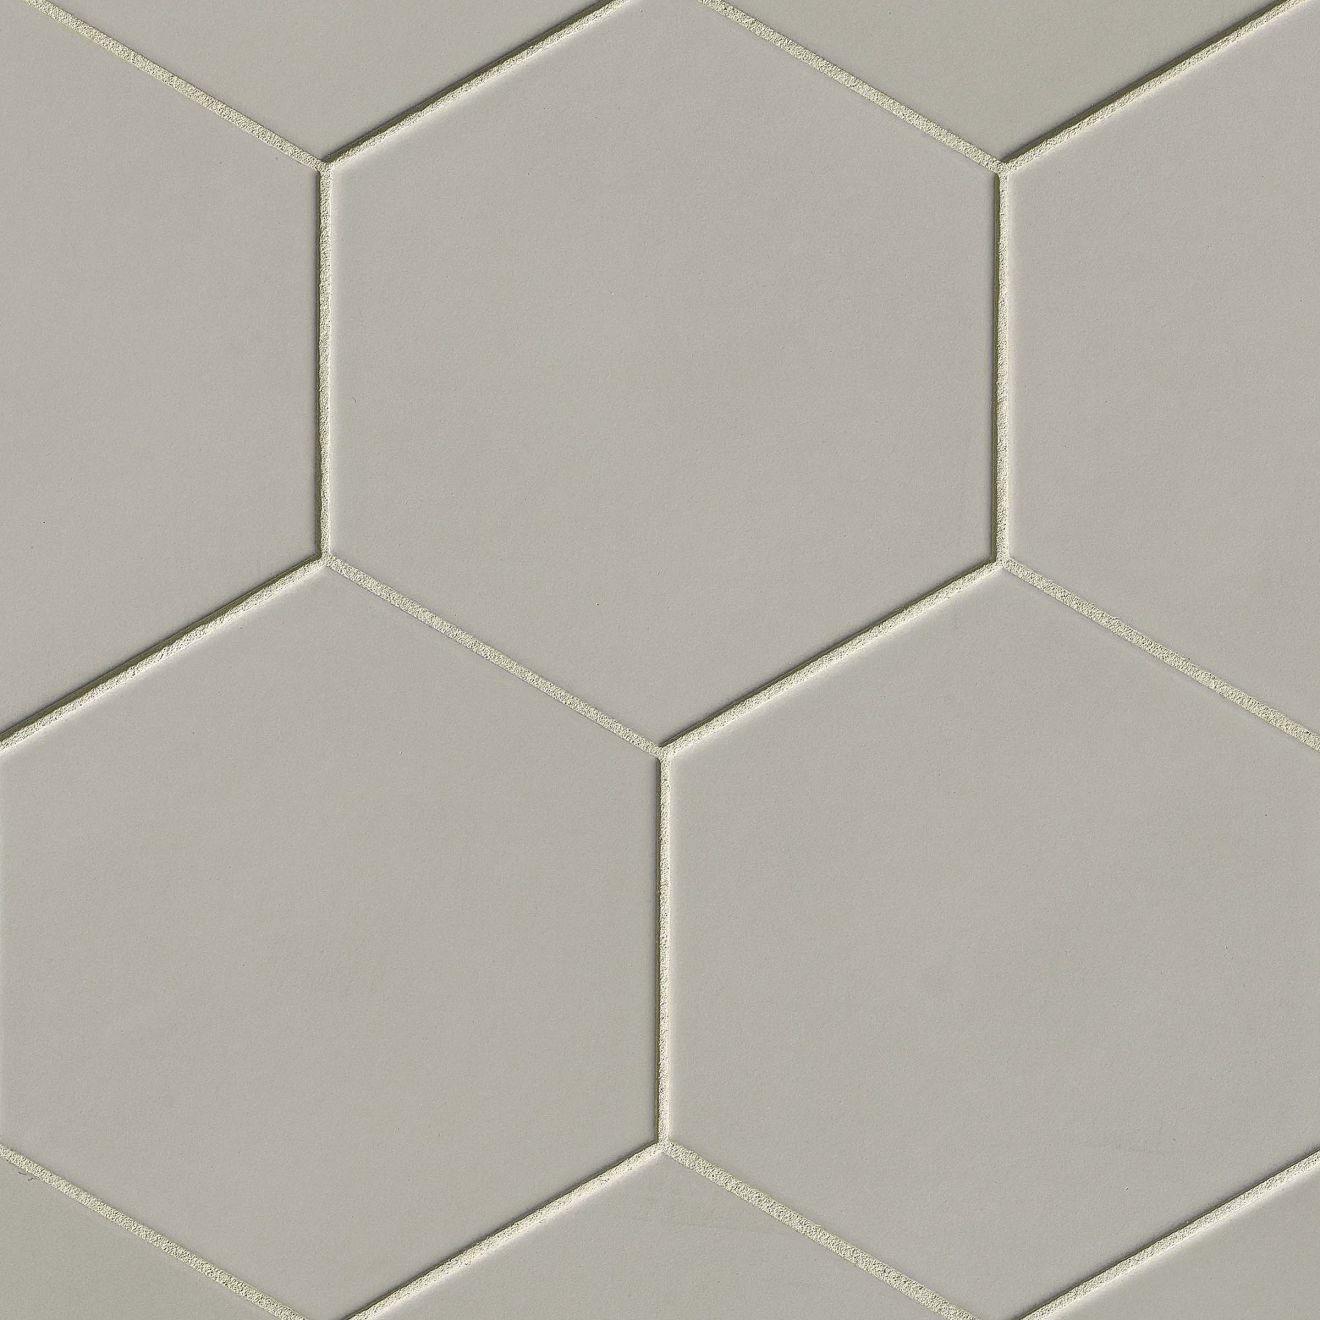 Costa Allegra X X Floor And Wall Tile In Cinder - Discount hex tile